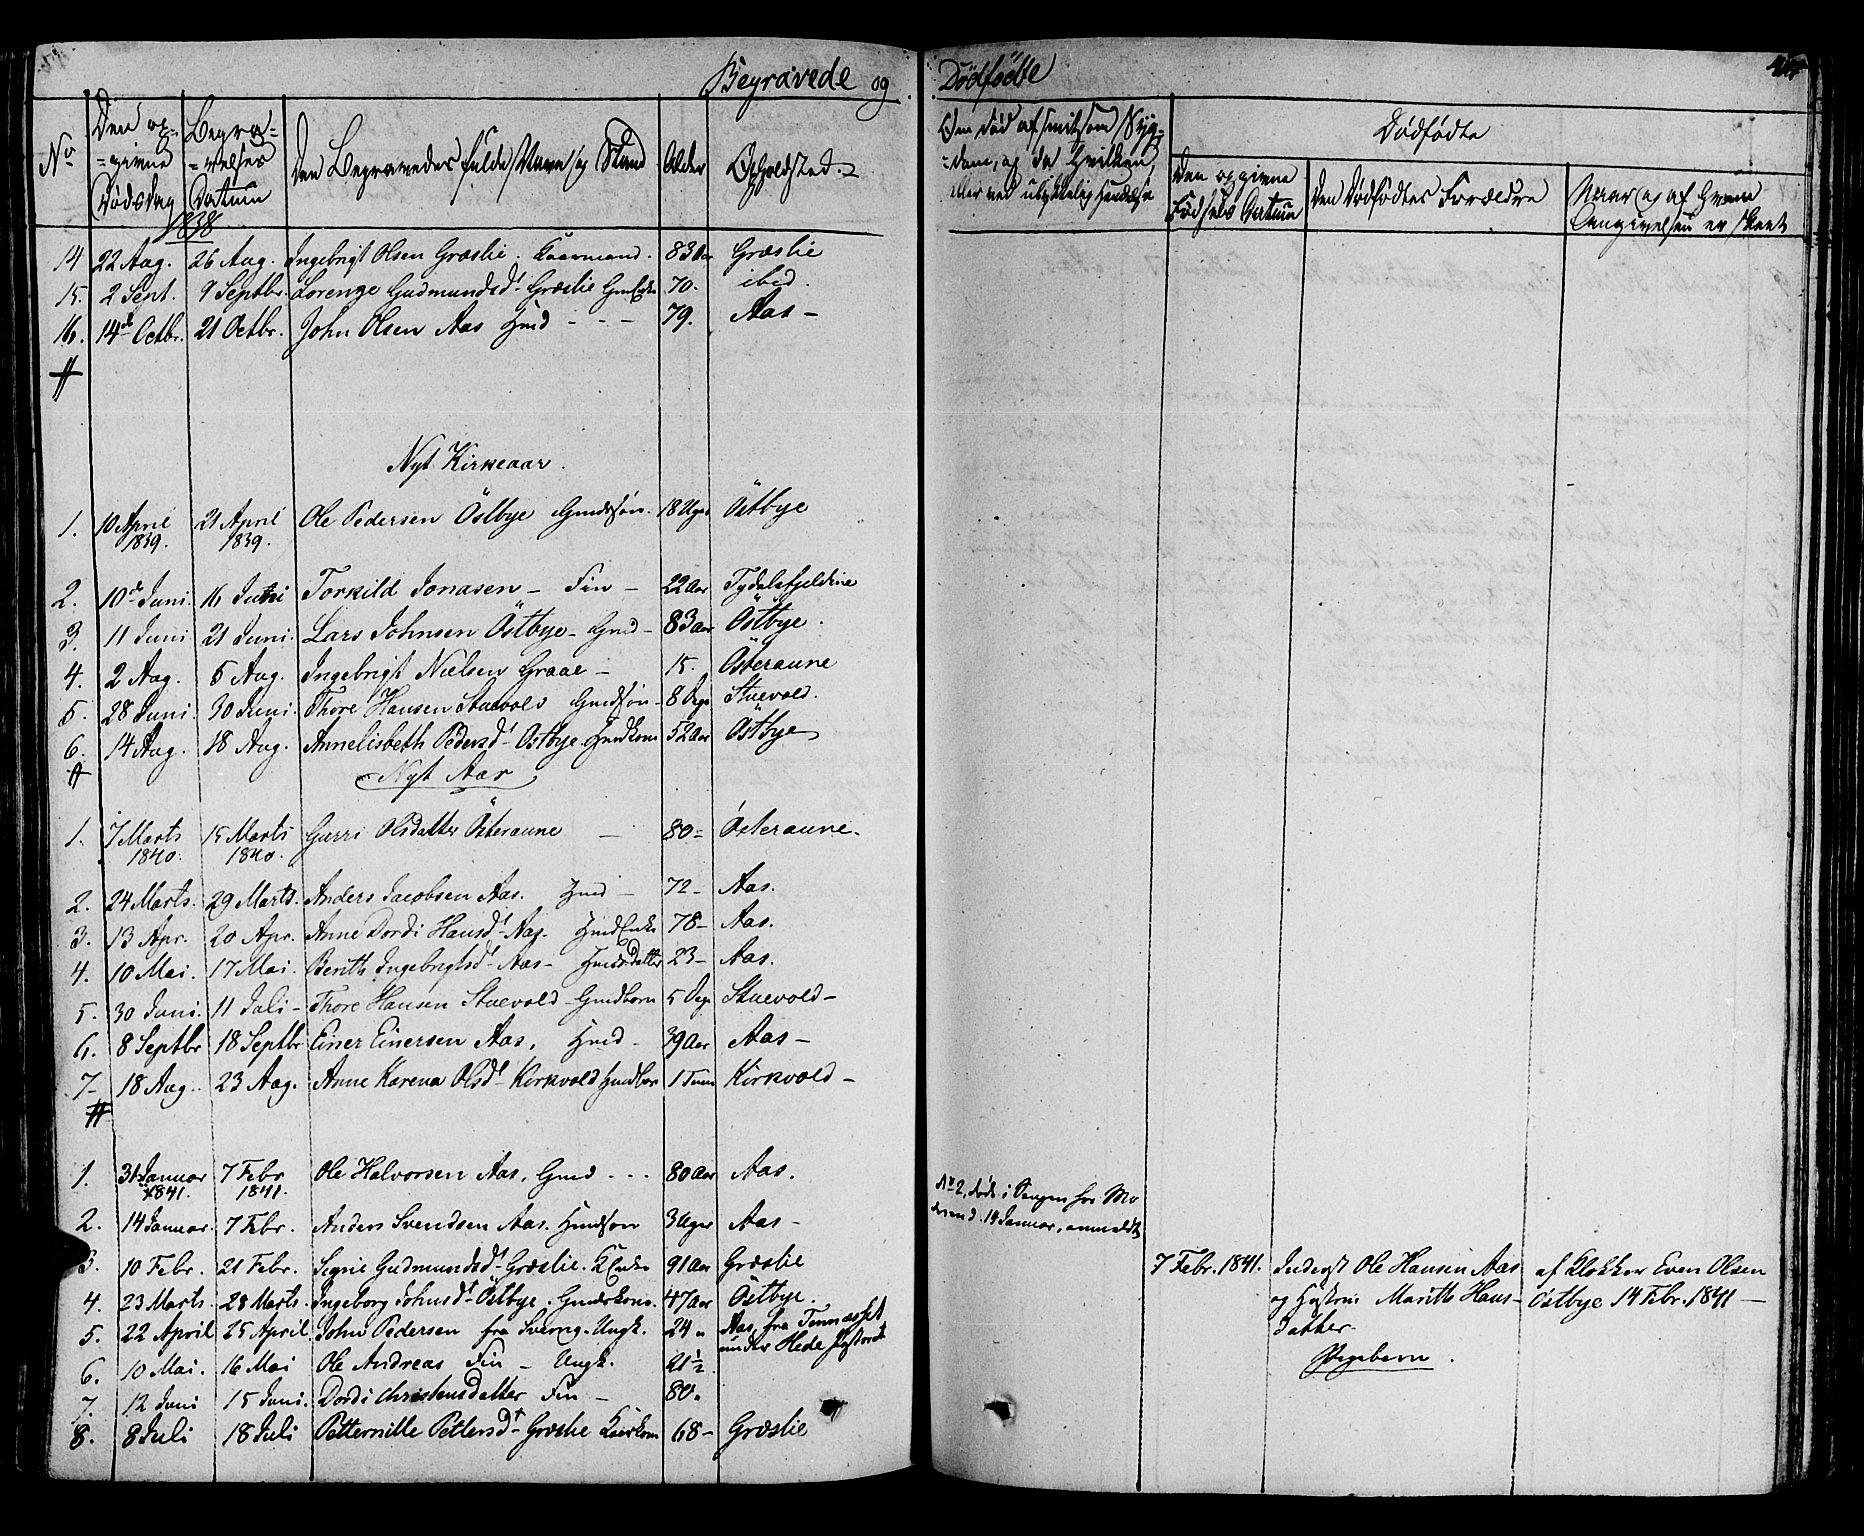 SAT, Ministerialprotokoller, klokkerbøker og fødselsregistre - Sør-Trøndelag, 695/L1144: Ministerialbok nr. 695A05 /2, 1824-1842, s. 417